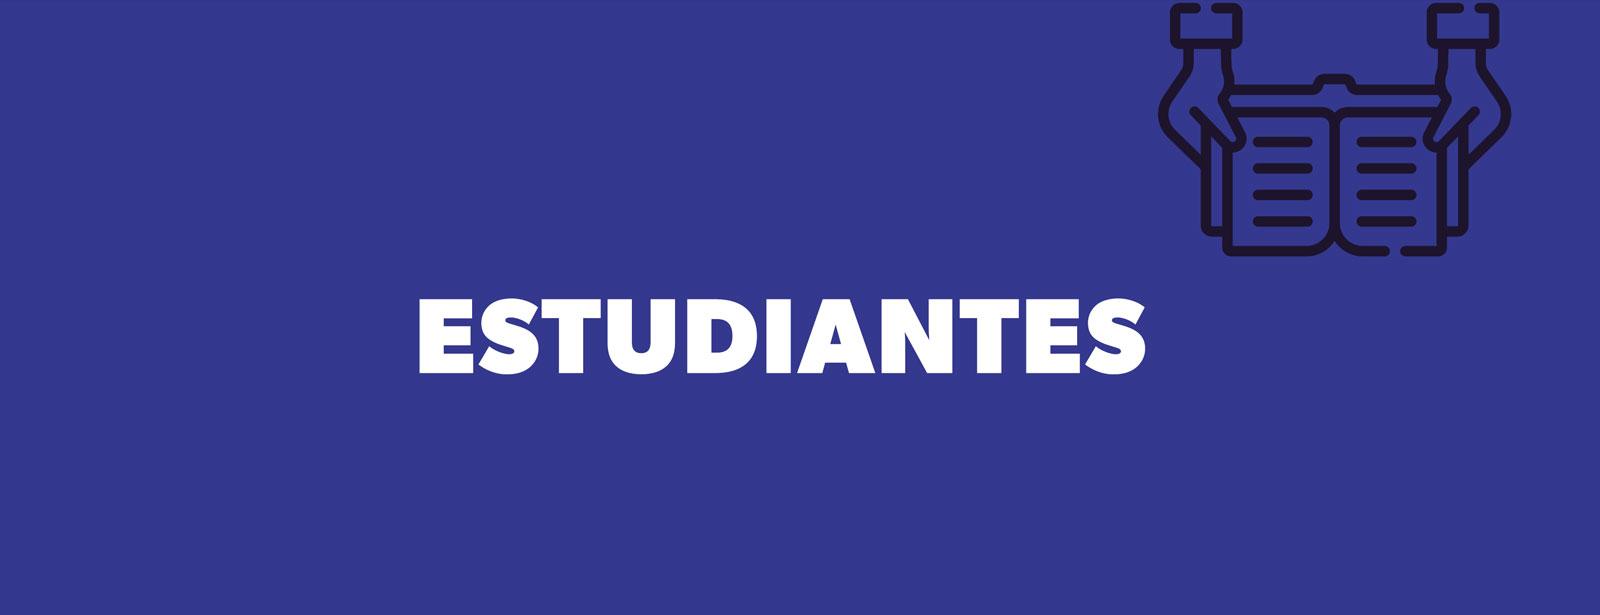 Estudiantes de Ciencias Sociales de la Universidad de los Andes